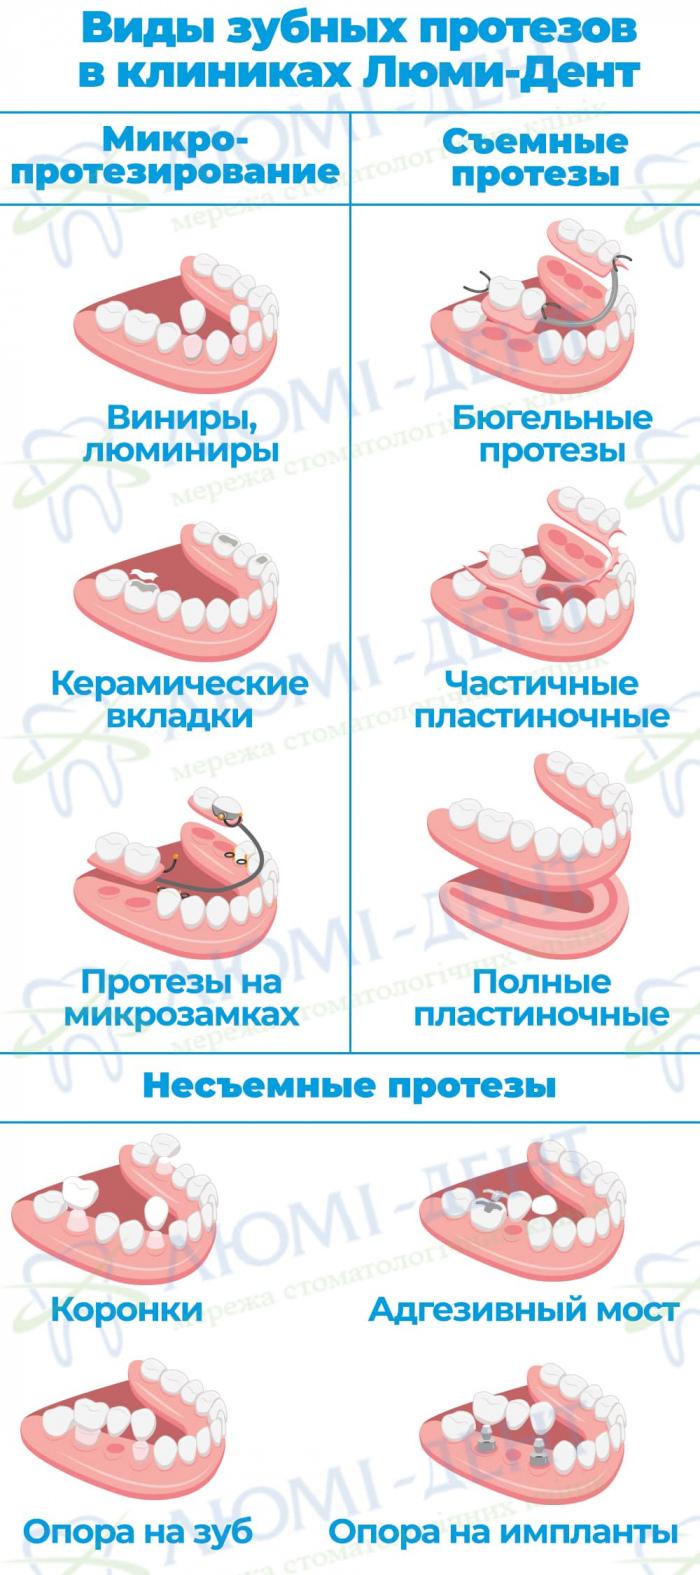 Протезирование зубов протезы фото Люми-Дент